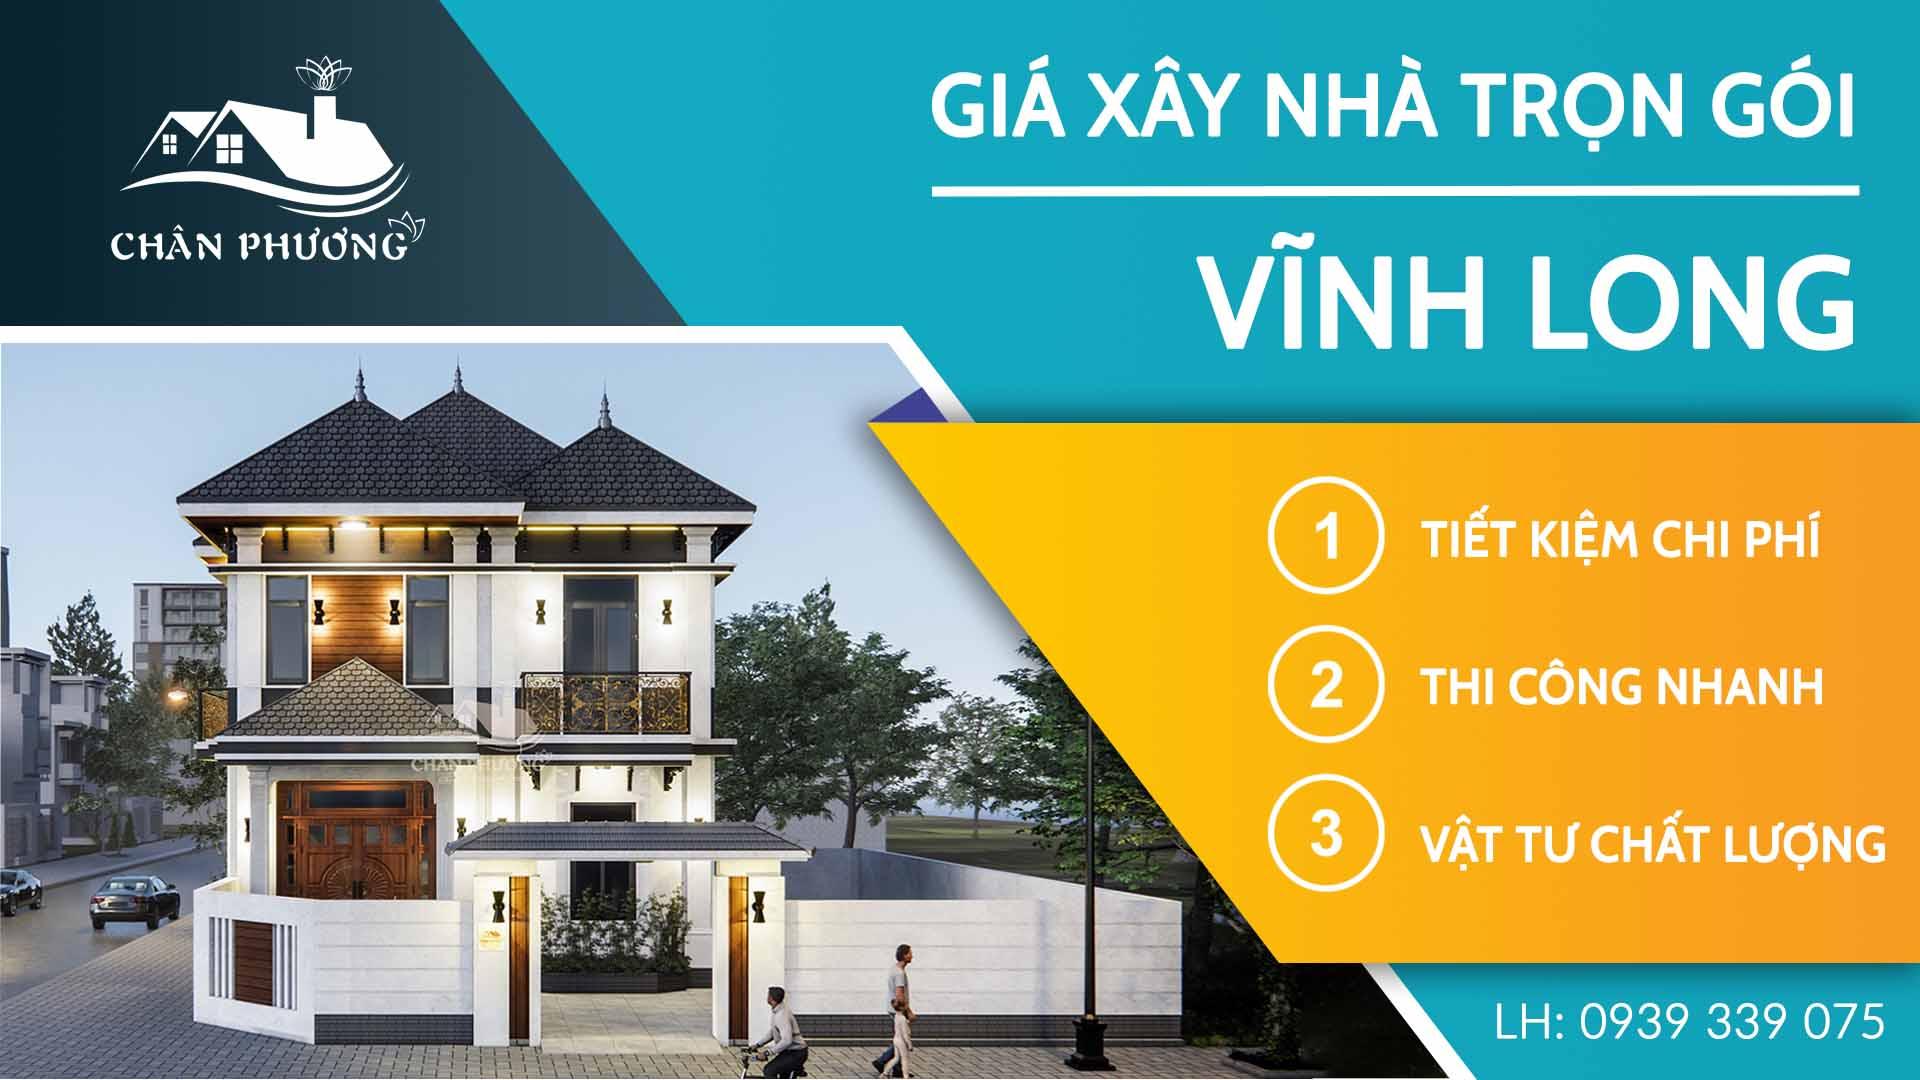 Xây nhà trọn gói Vĩnh Long | Giá xây nhà Vĩnh Long 2021